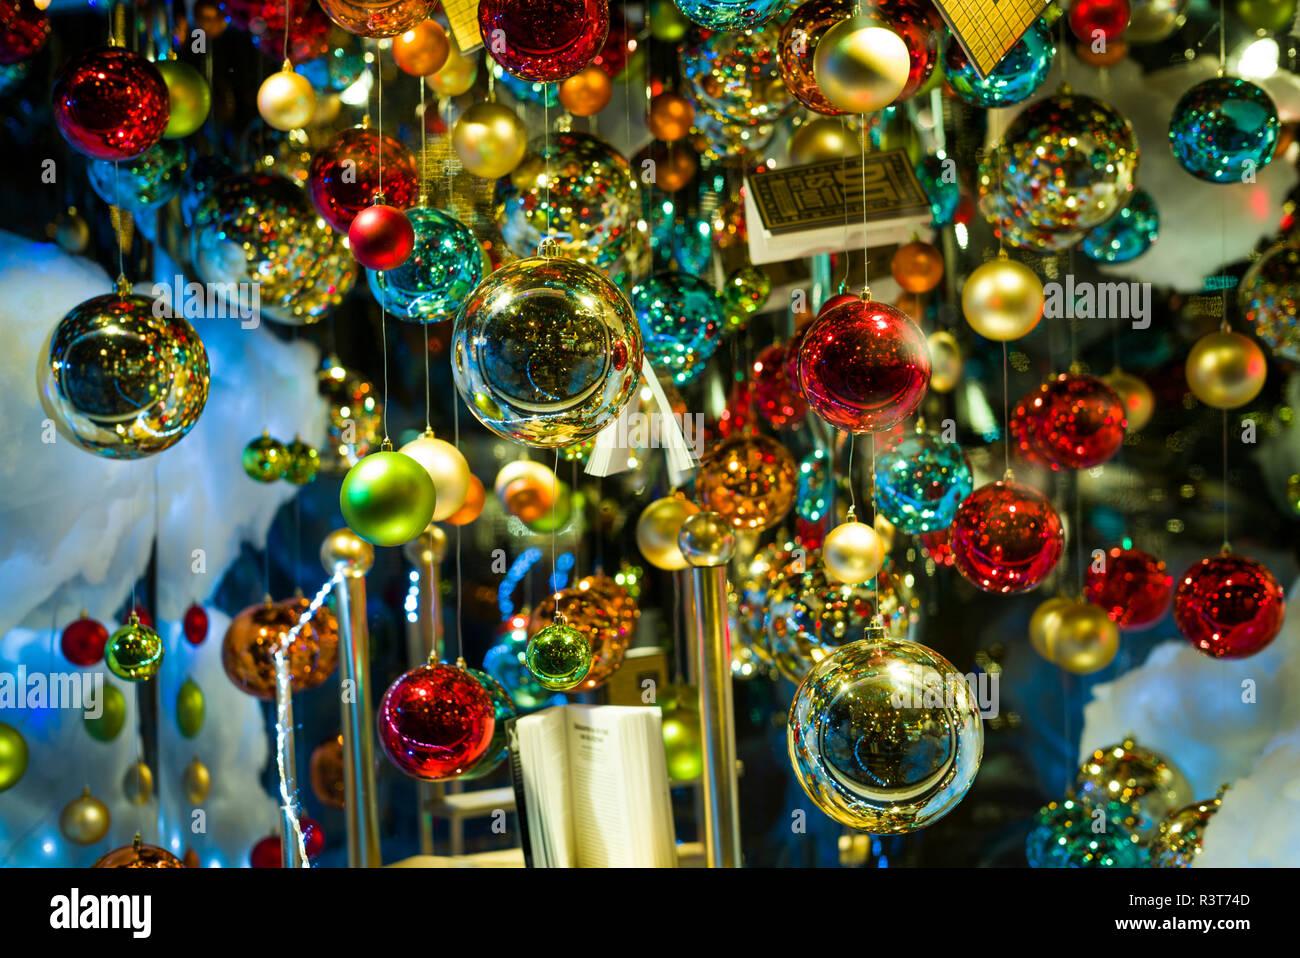 Niederlande, Amsterdam. Weihnachten Dekoration in der Buchhandlung ...